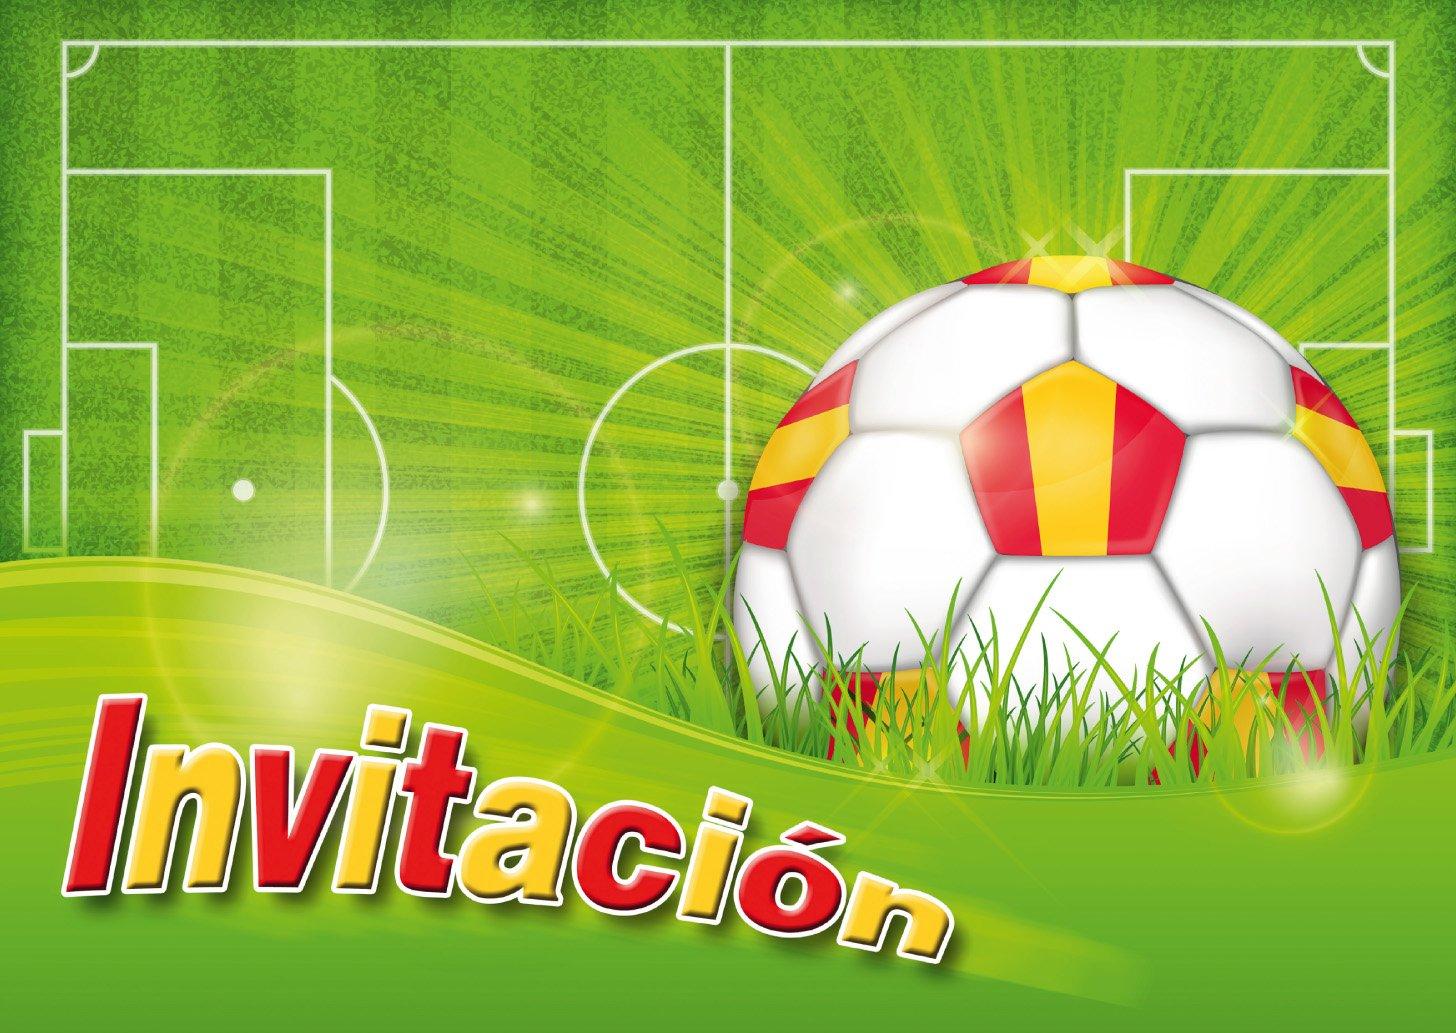 """Edition Colibri 12 Invitaciones en español """"Futbol"""": Juego de 12 Invitaciones al Futbol para cumpleaños Infantil o Fiesta (10960 ES)"""